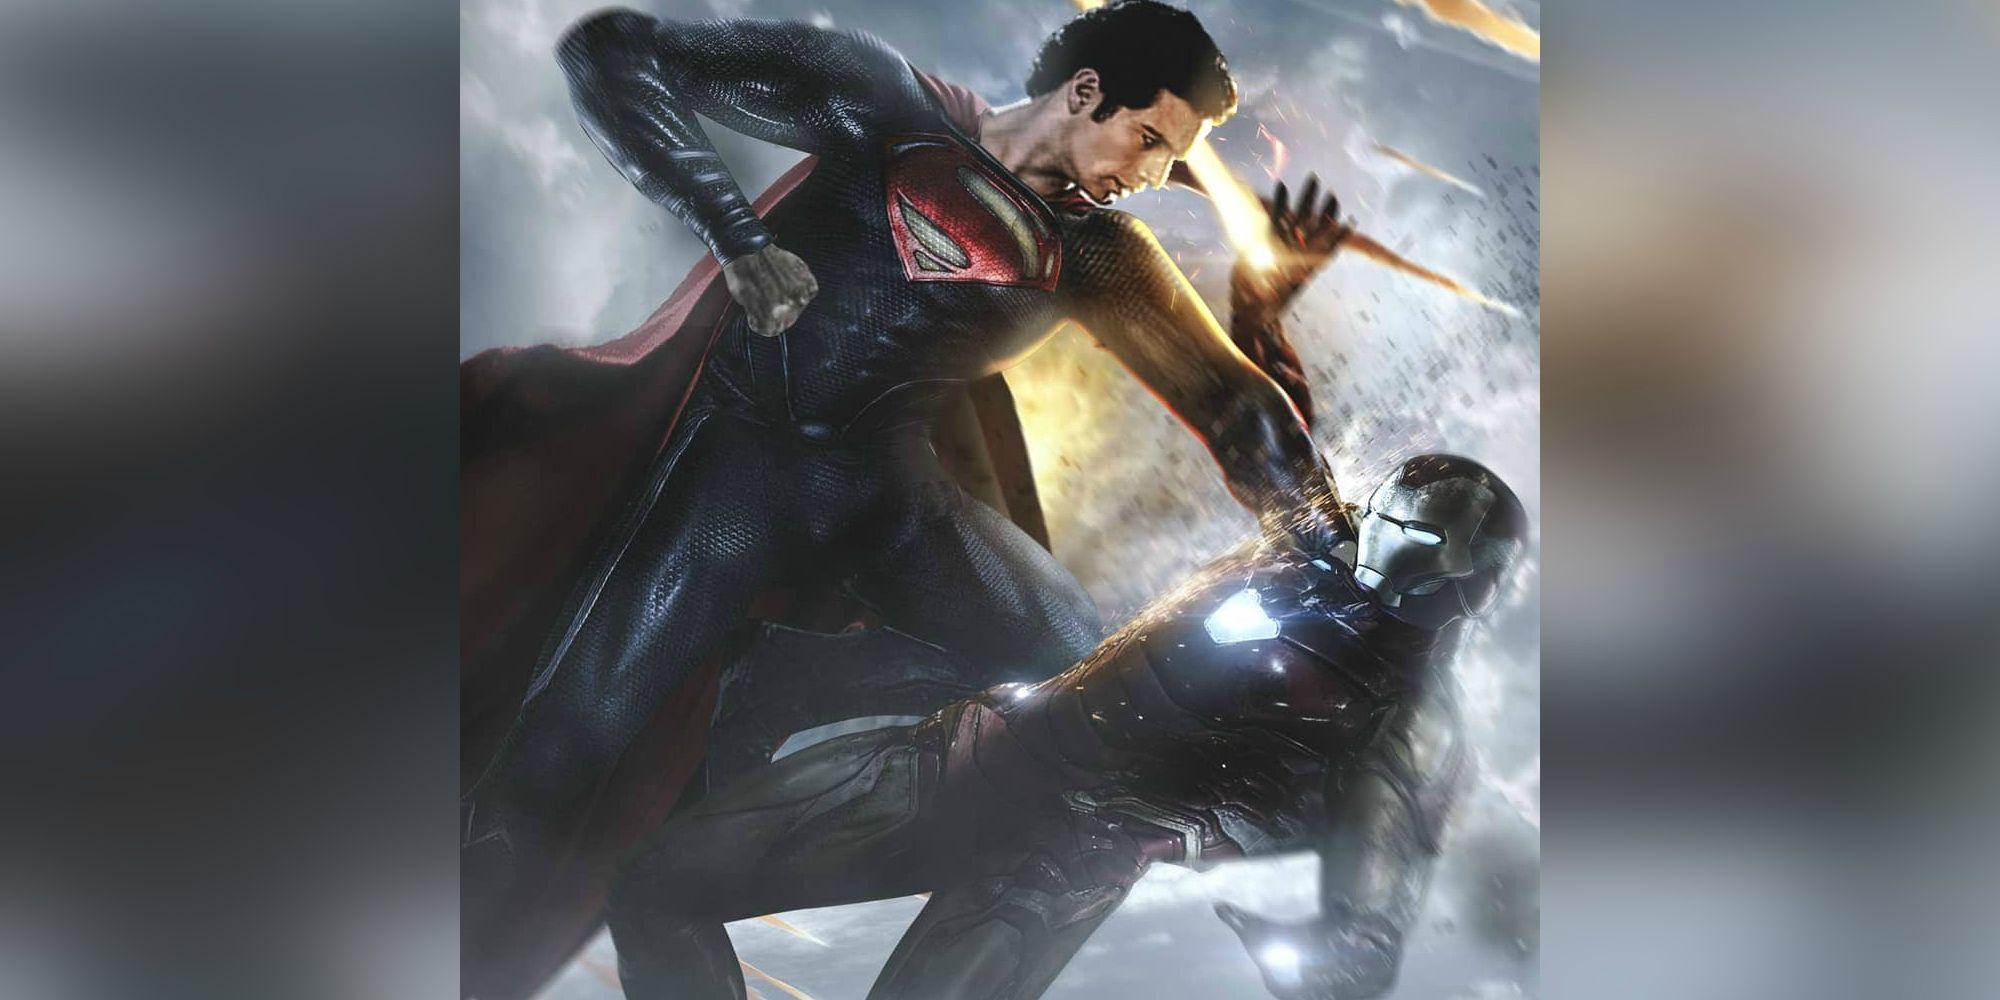 Henry Cavill's Superman Attacks Iron Man in Marvel Vs DC Crossover Art